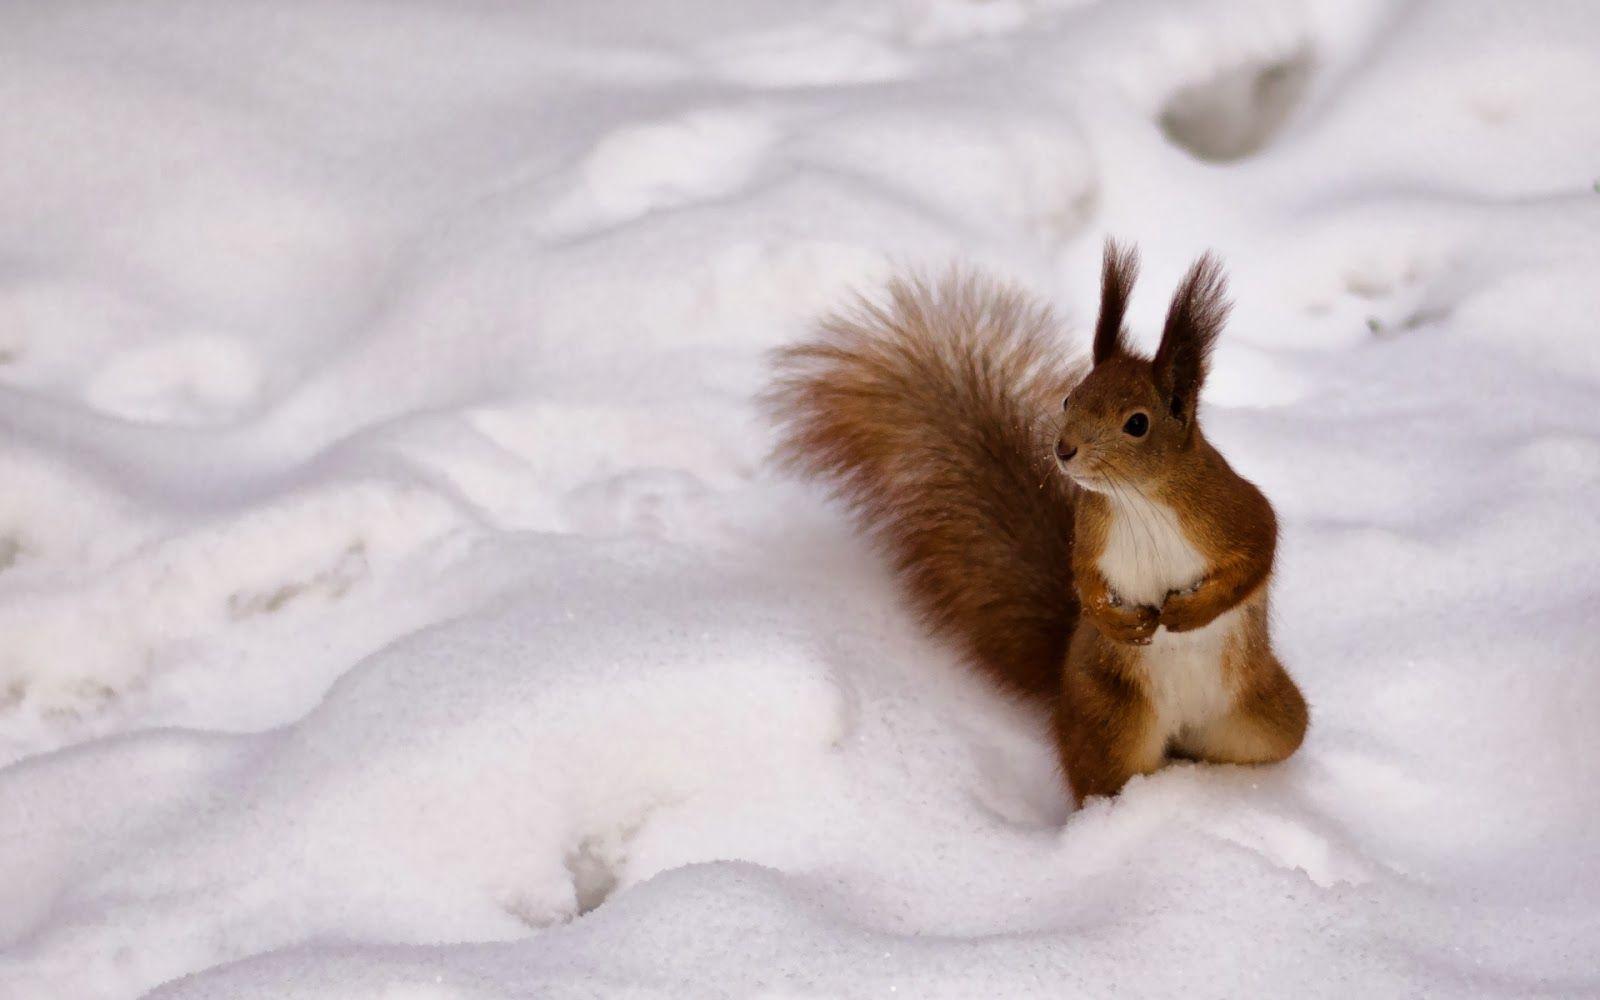 Eichhornchen Katze Im Schnee Eichhornchen Bilder